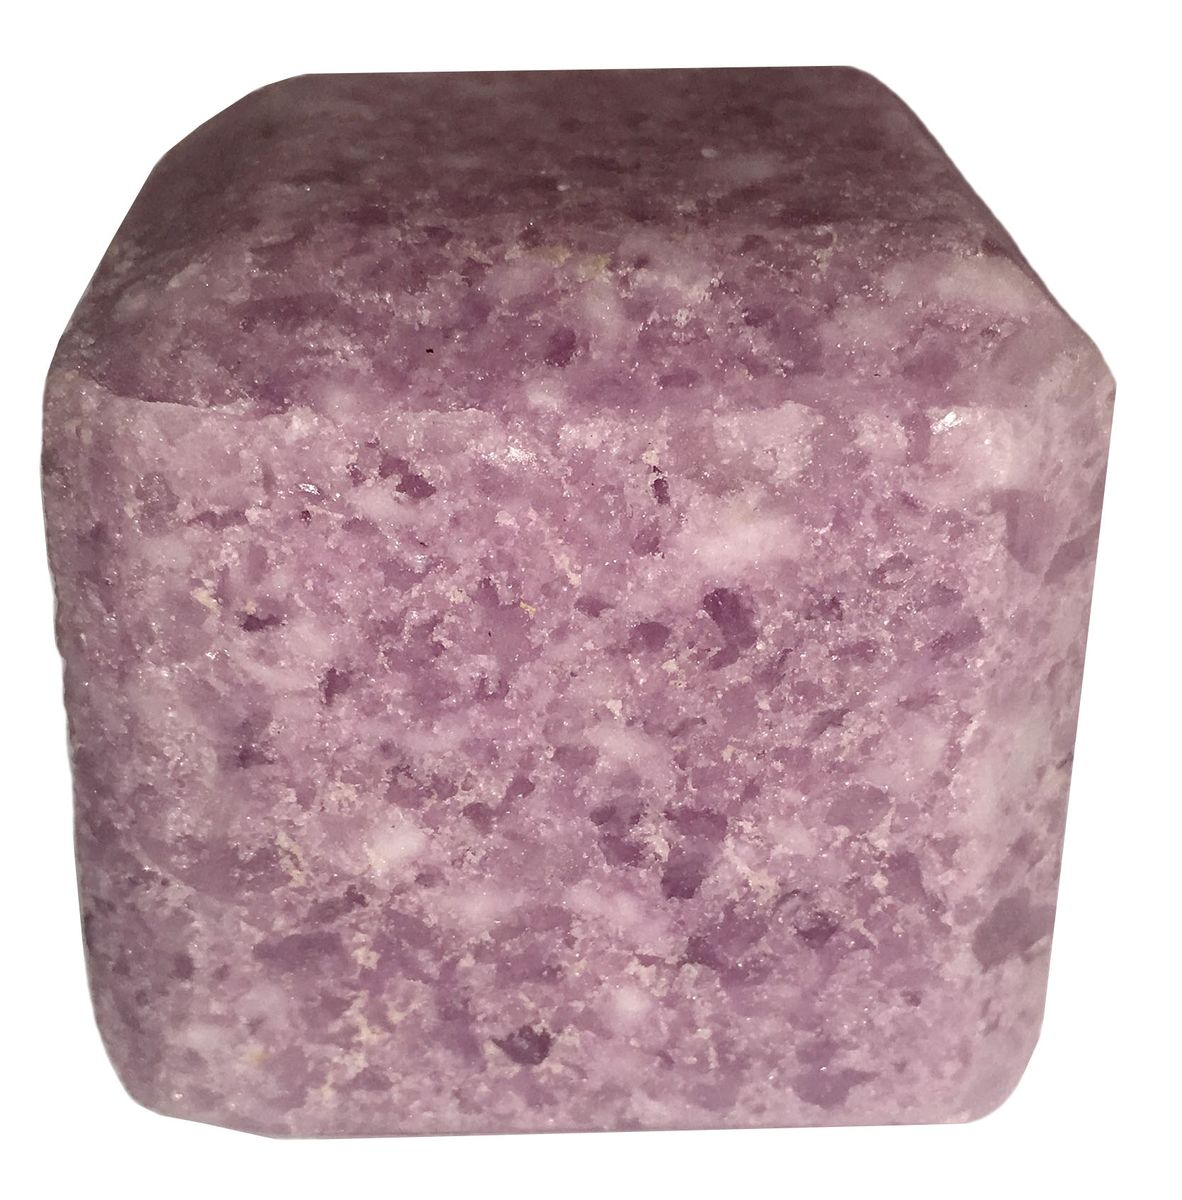 Соль для бани Proffi Sauna, с маслом лавандыPS0550Прессованный кубик из соли Proffi Sauna подходит для сауны и бани. Имеет приятный аромат лаванды.Заходя в бане / сауне в парилку, Вы ставите кубик из соли на камни и поливаете камень водой. В результате образуется облако соляного пара, а по всей парилке разносится приятный аромат. 1 кубик рассчитан на 1 применение.Состав: чистая природная структурированная соль, эфирное масло.